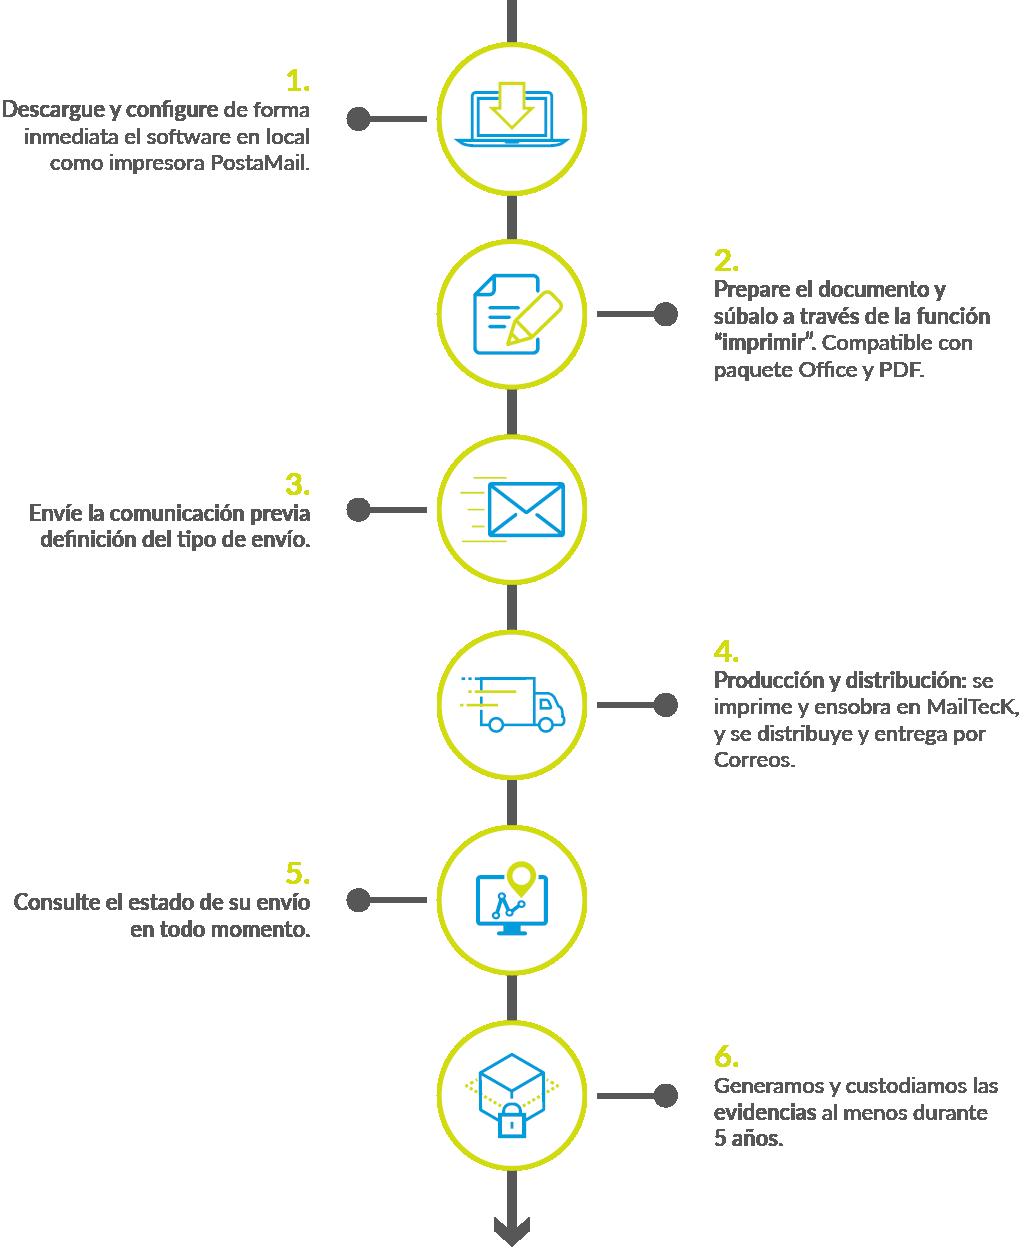 Cómo funciona PostaMail - Comunicaciones Administrativas